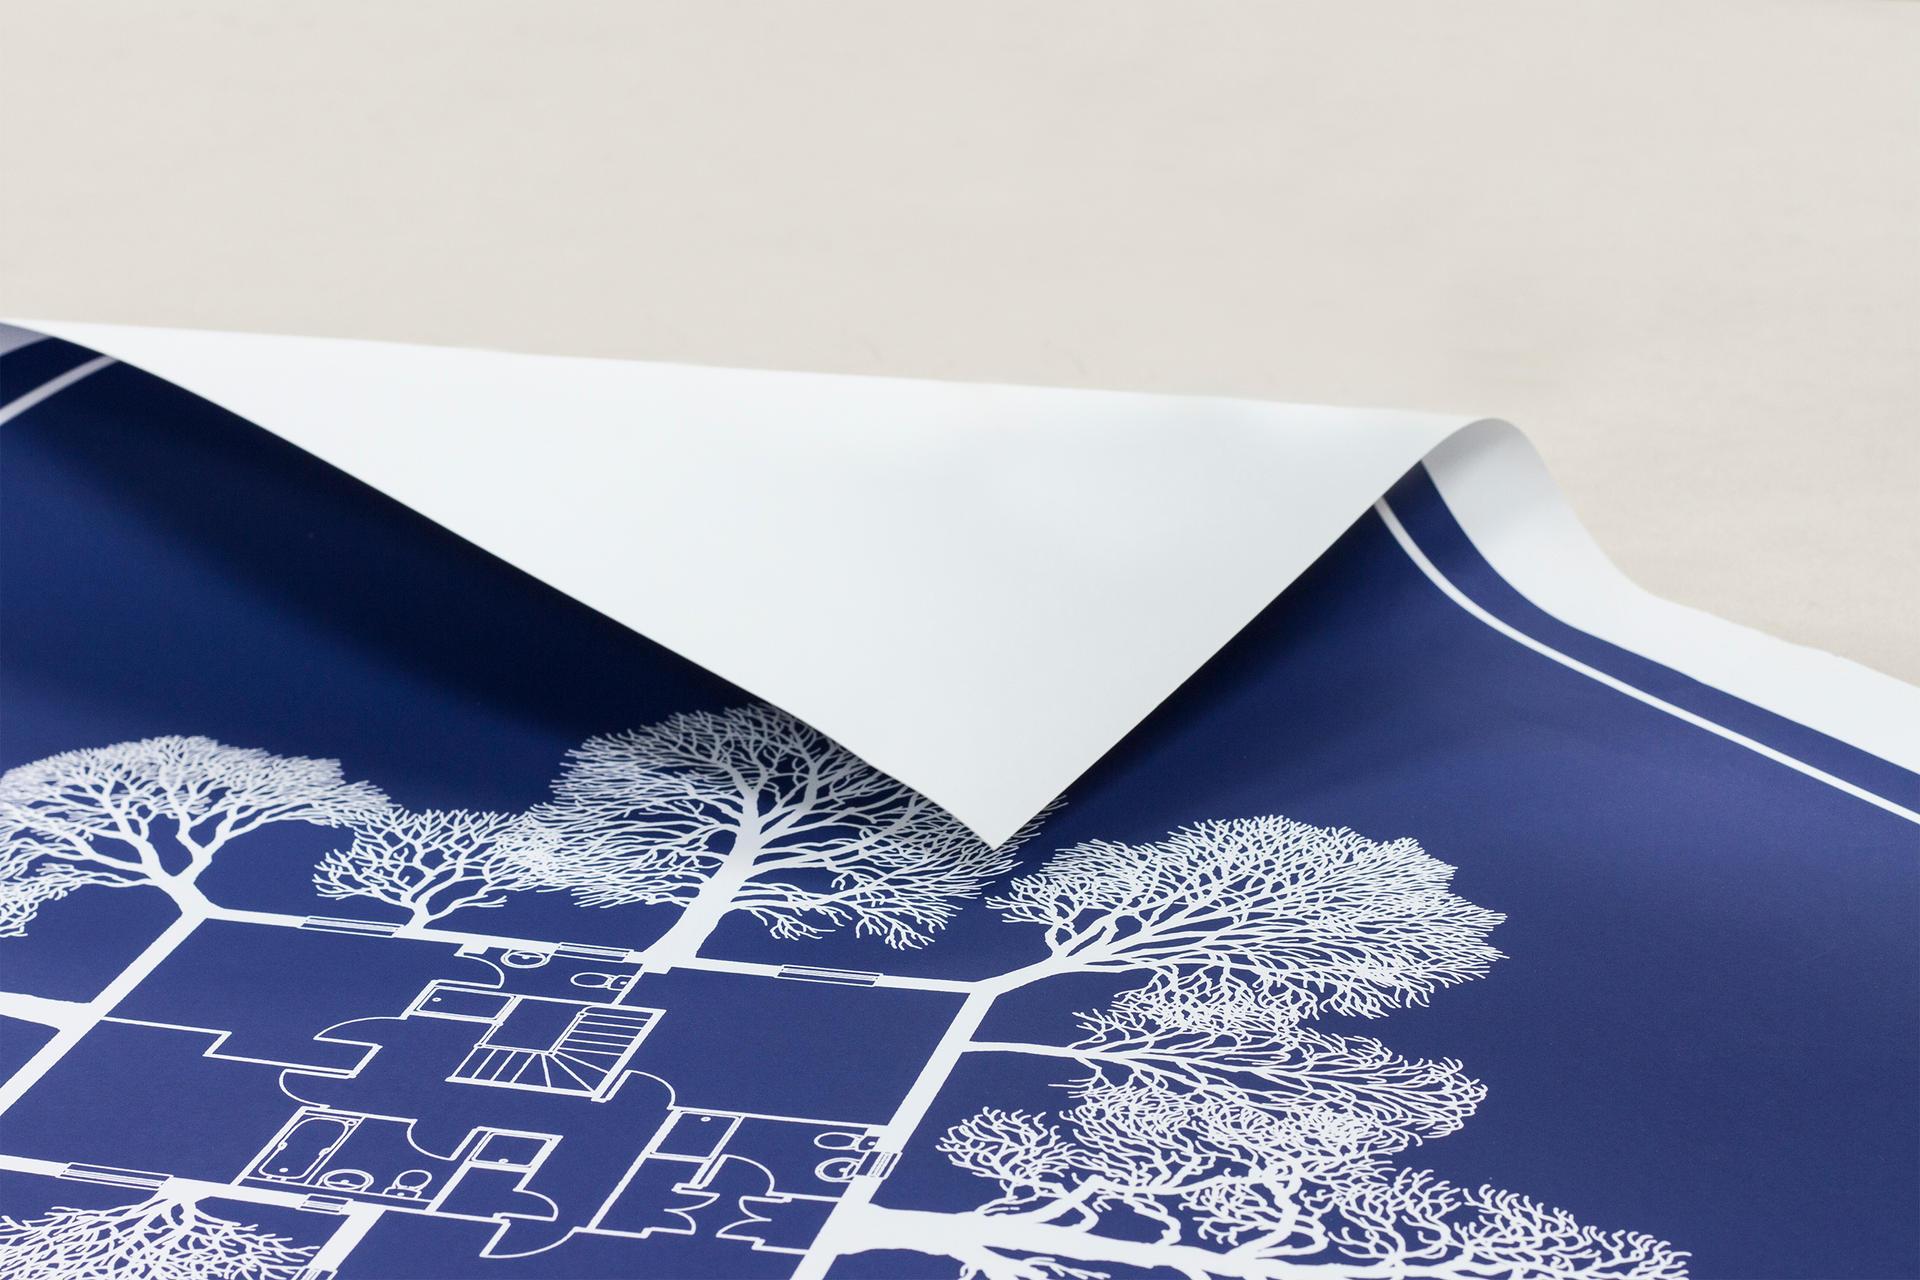 Large Format Printing 7